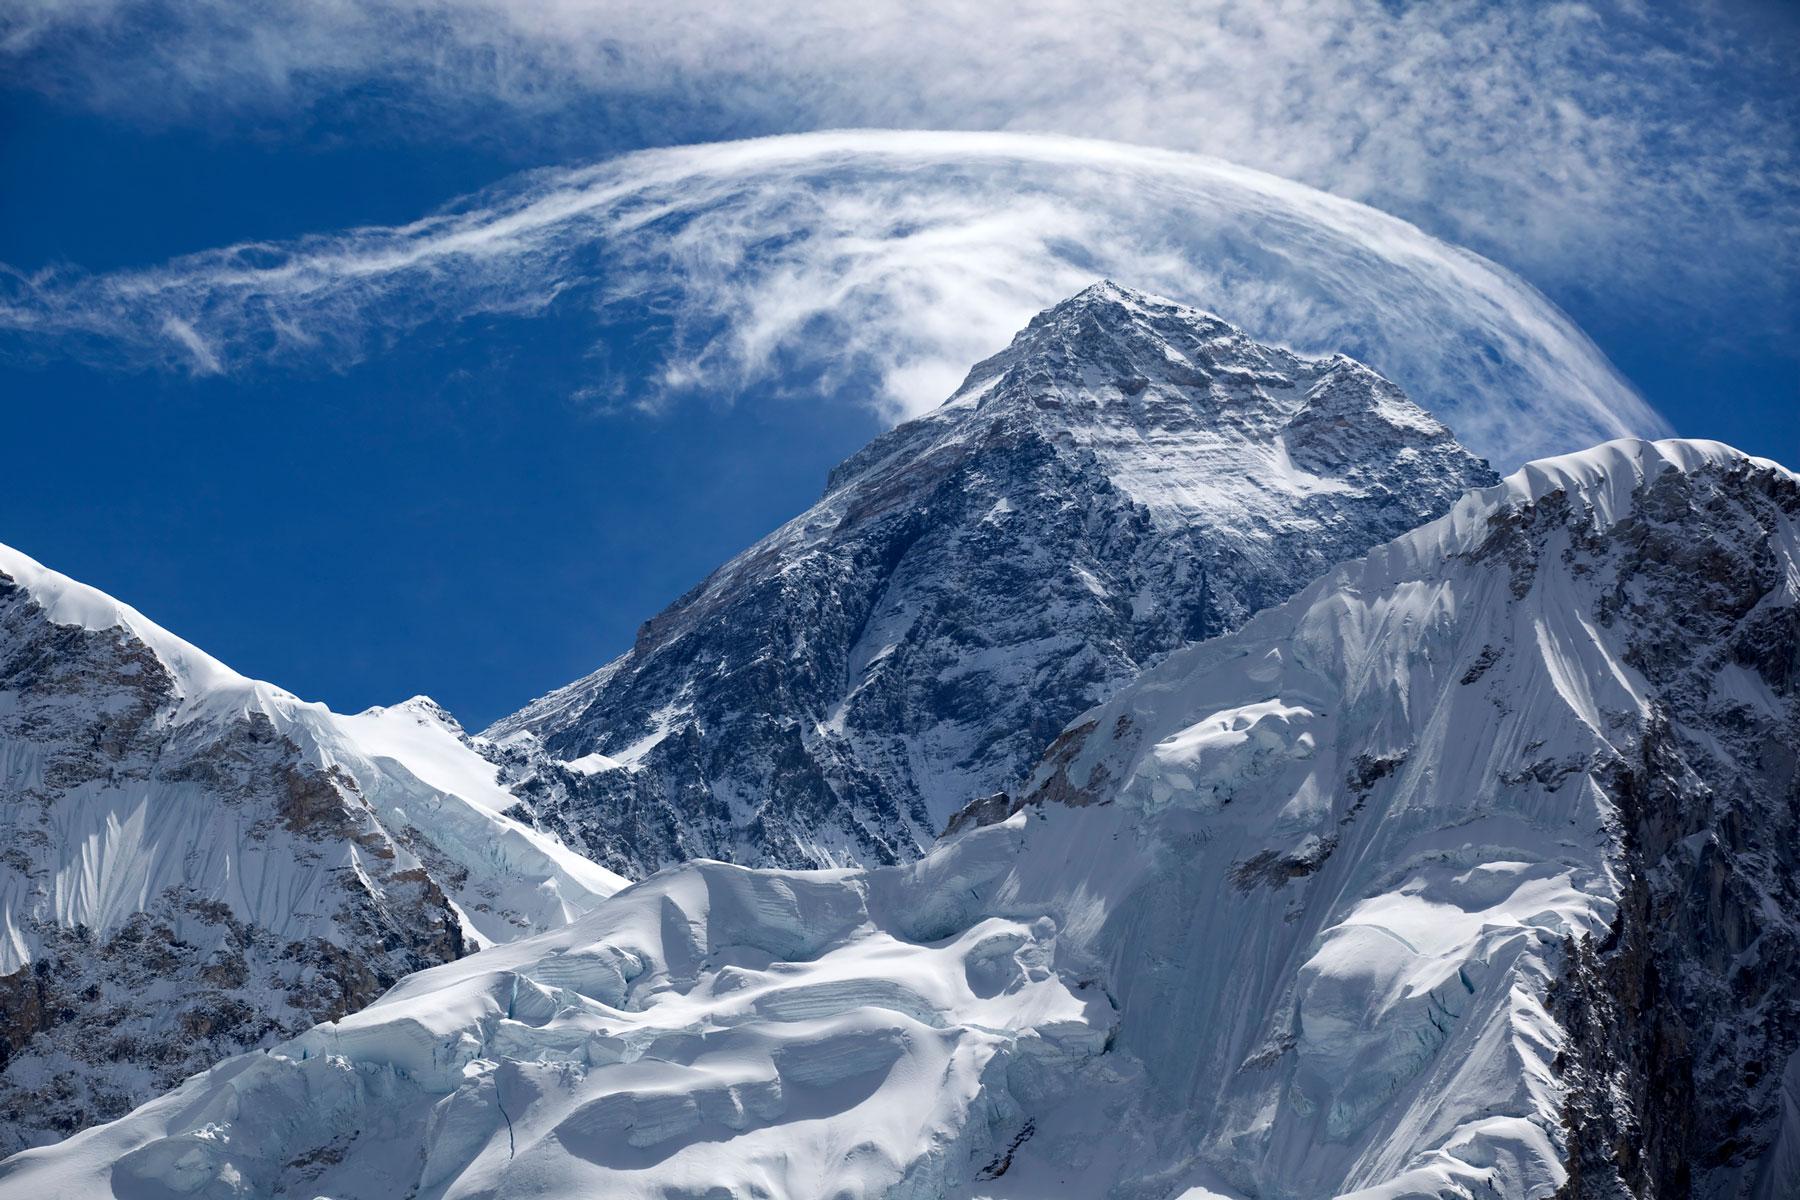 [Перевод] Человек, пытающийся решить проблему отходов жизнедеятельности на Эвересте